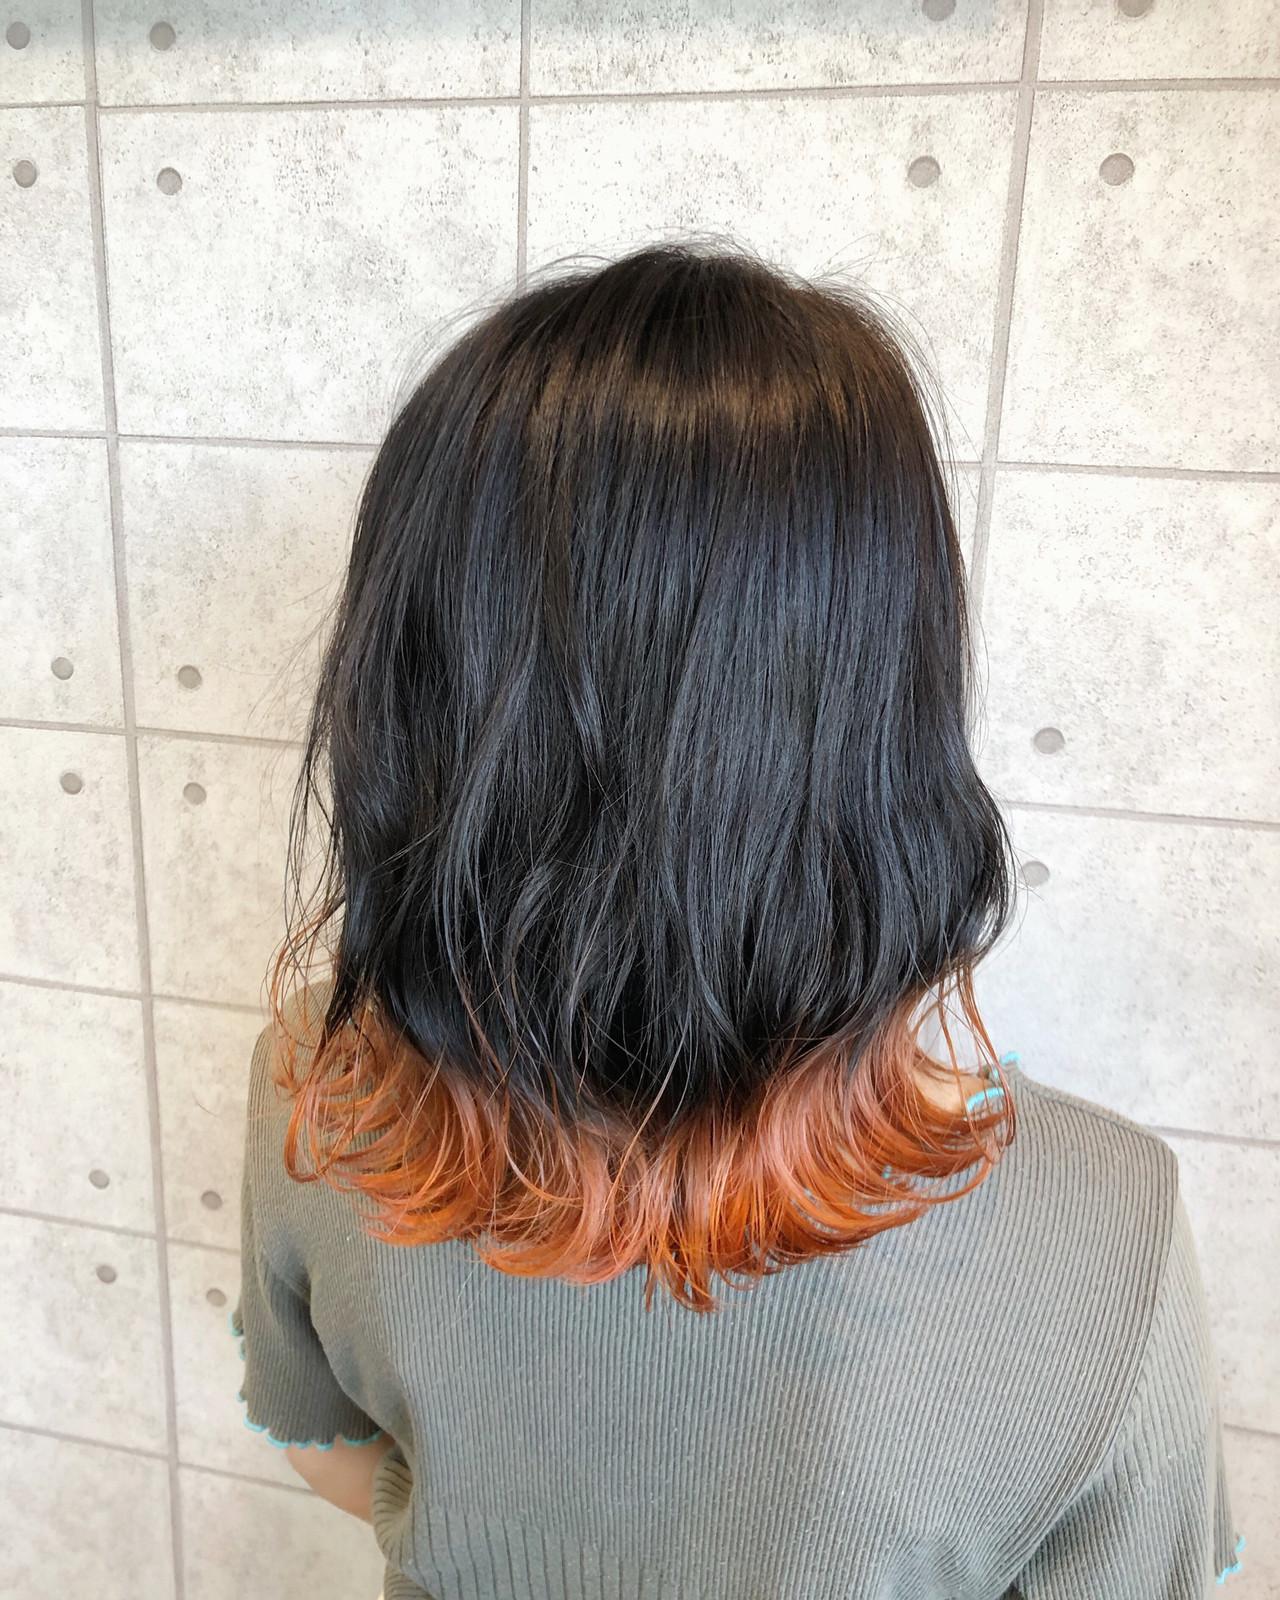 モード アプリコットオレンジ イルミナカラー 裾カラー ヘアスタイルや髪型の写真・画像 | 徳永 実沙 / NYNY 河原町三条店